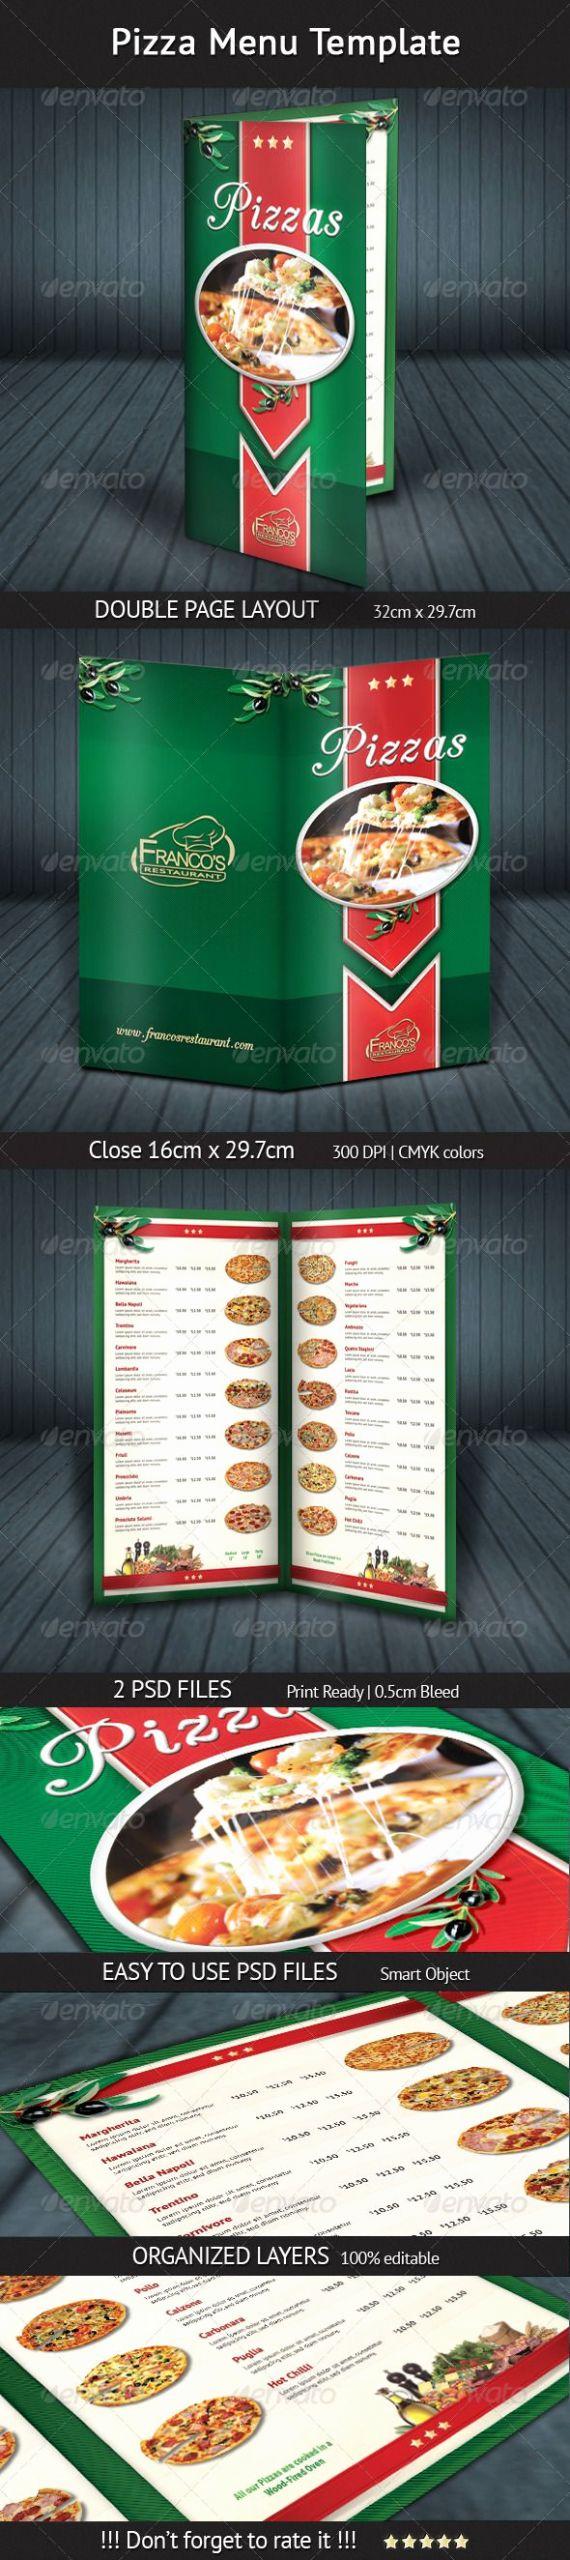 Pizza Menu Template Free Inspirational Pizza Menu Template